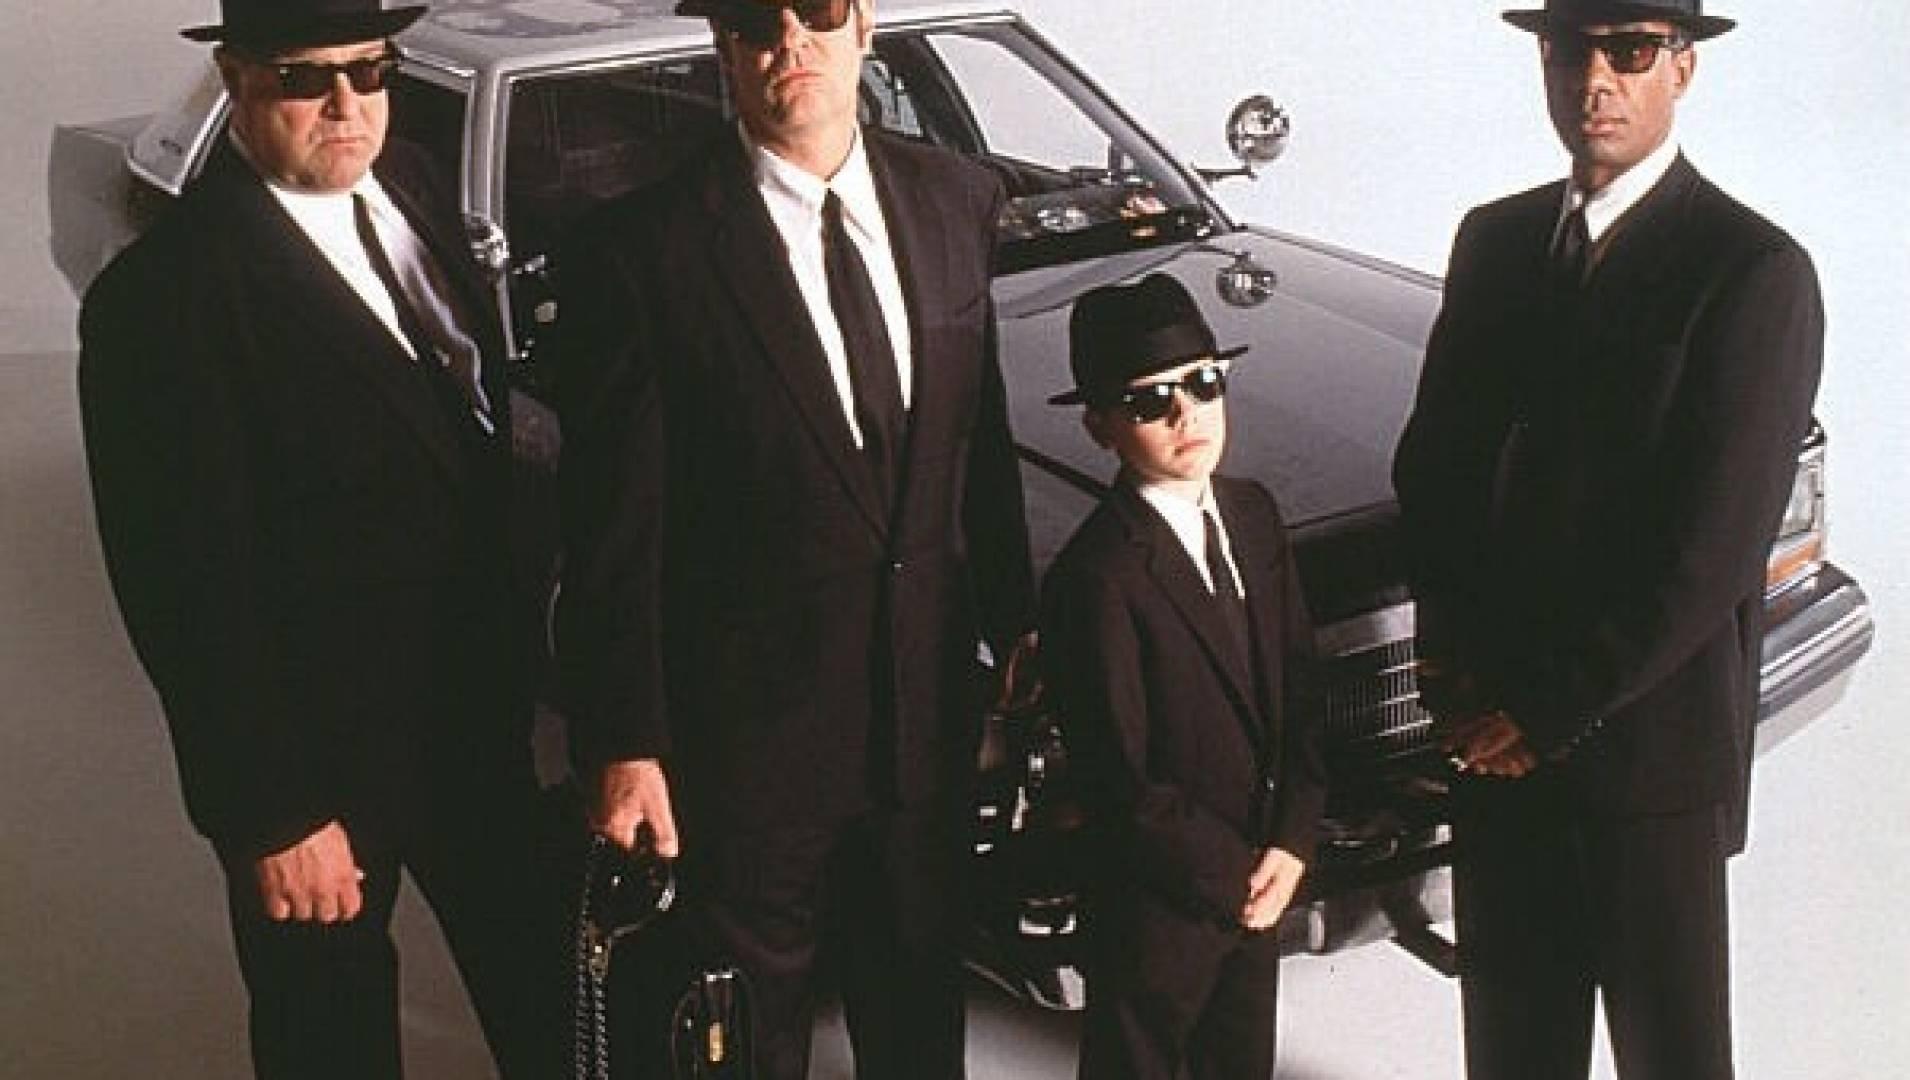 Братья Блюз 2000 - Комедия, Фильм